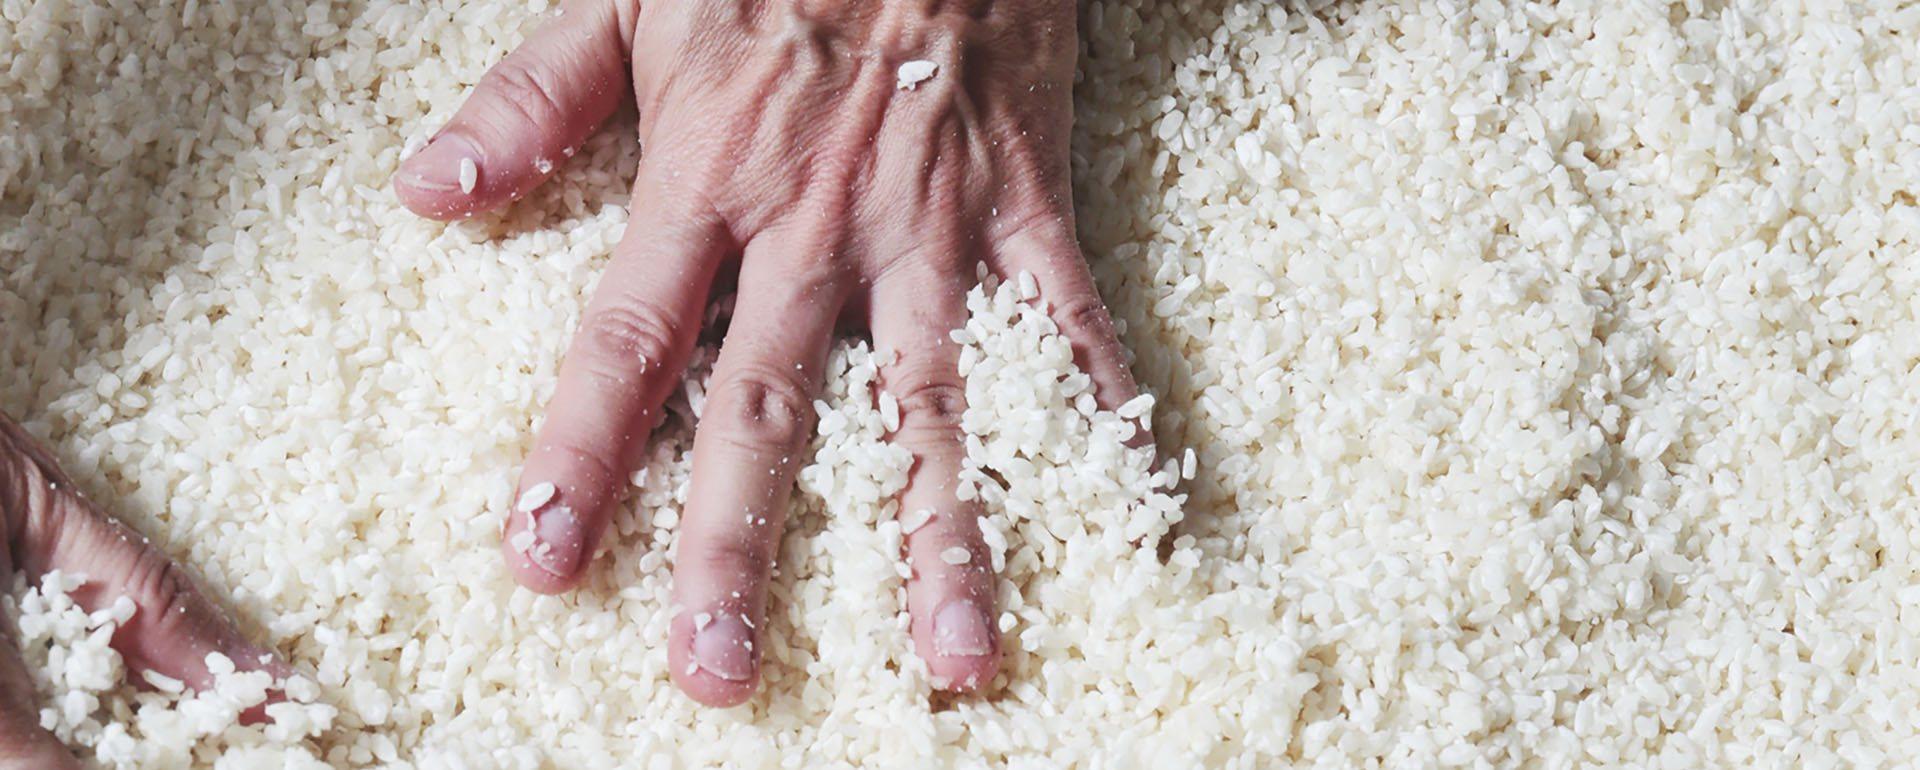 還在自製米麴嗎?禾乃川國產豆製所使用花蓮羅山有機白米,提供有機米麴新選擇!